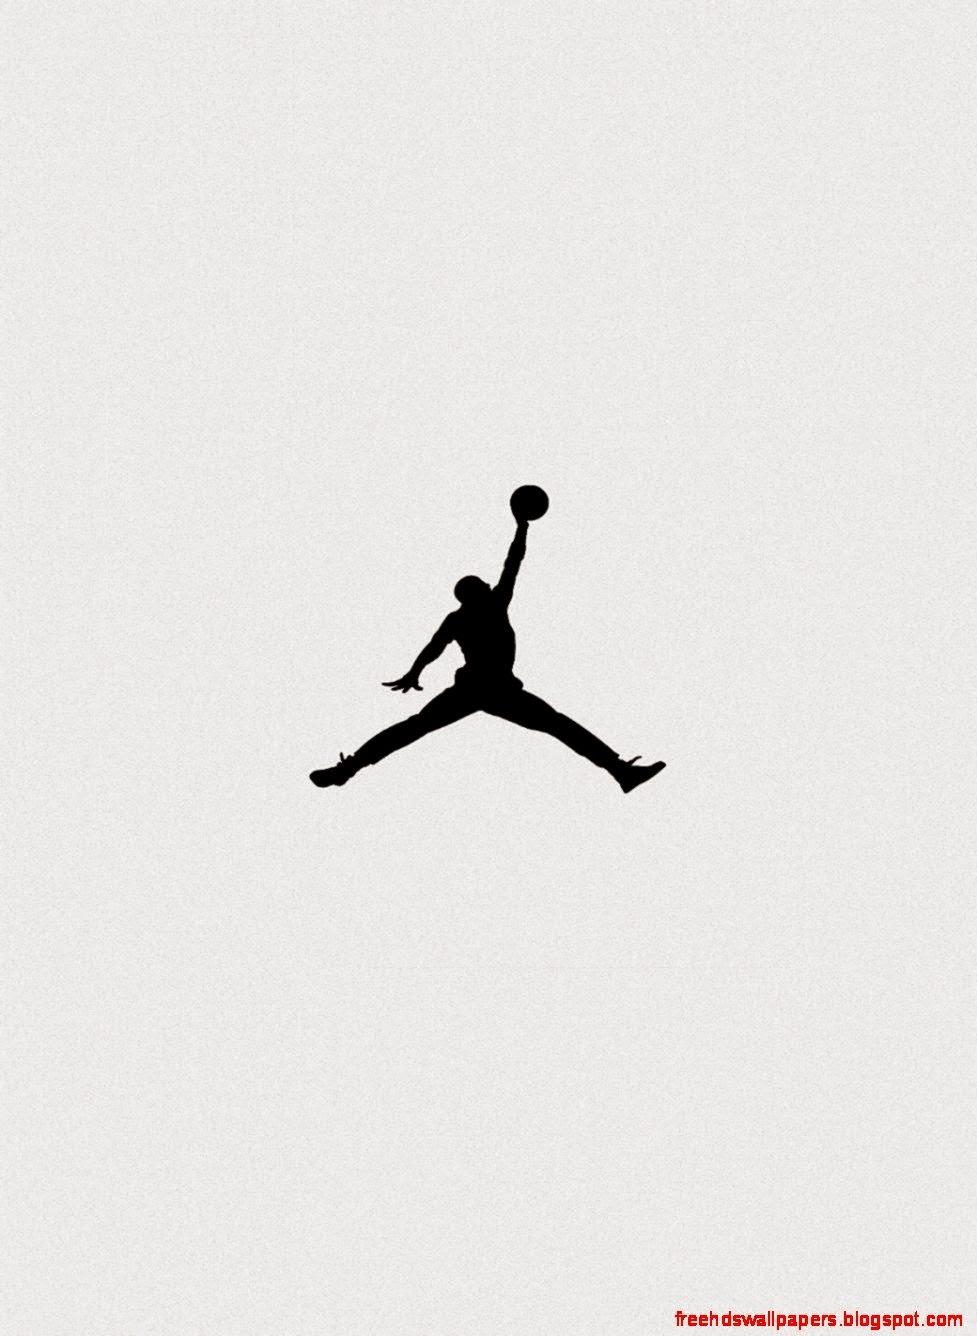 49+ Air Jordan iPhone Wallpaper on WallpaperSafari